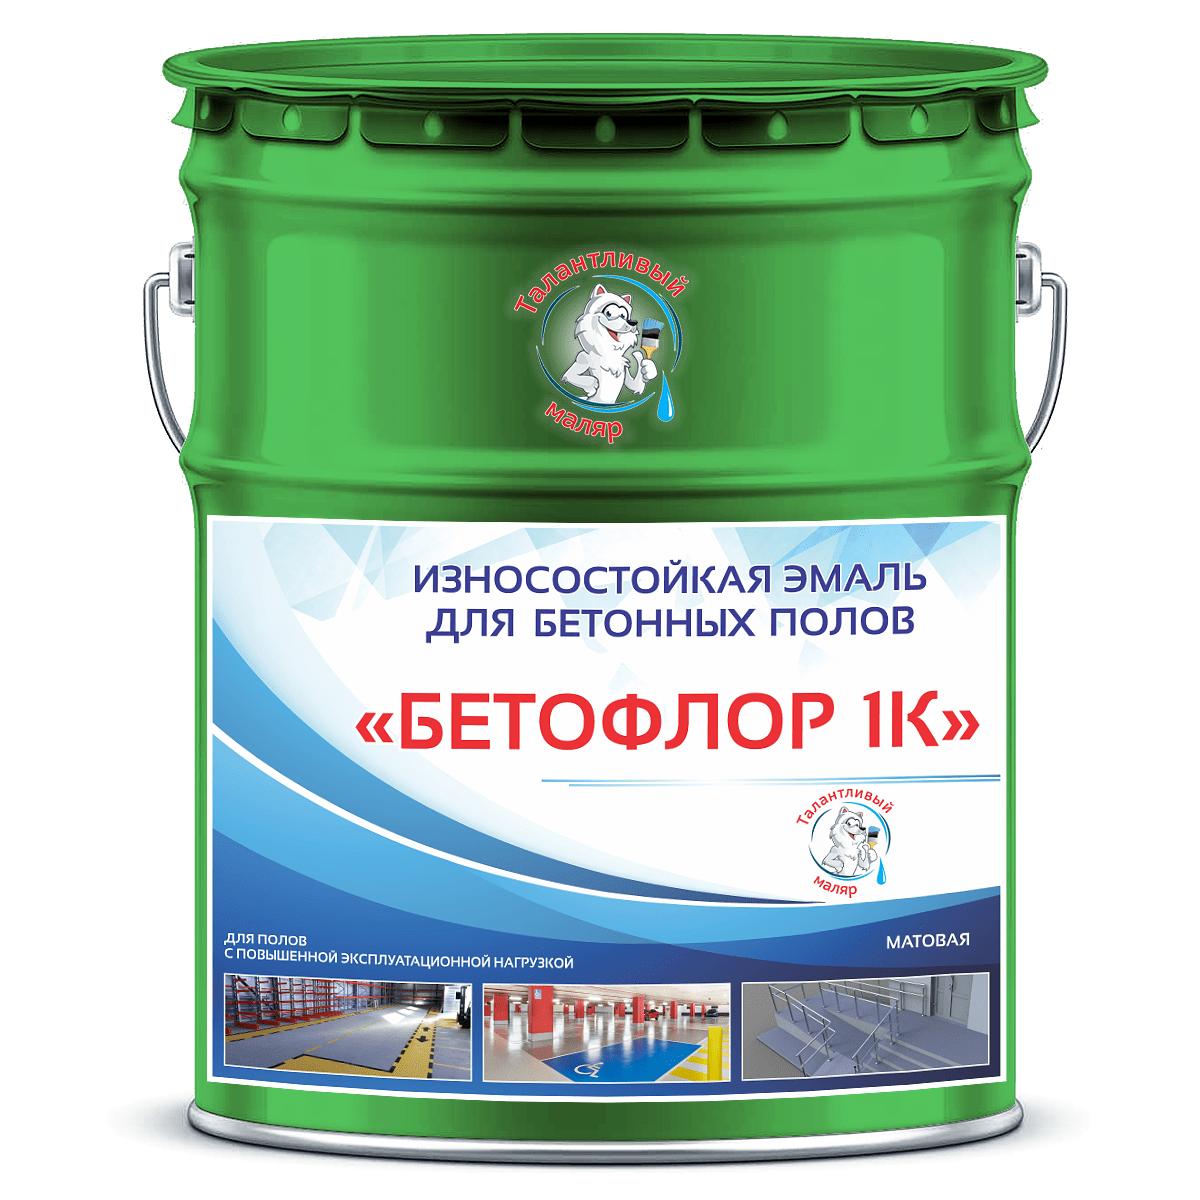 """Фото 18 - BF6017 Эмаль для бетонных полов """"Бетофлор"""" 1К цвет RAL 6017 Майская зелень, матовая износостойкая, 25 кг """"Талантливый Маляр""""."""